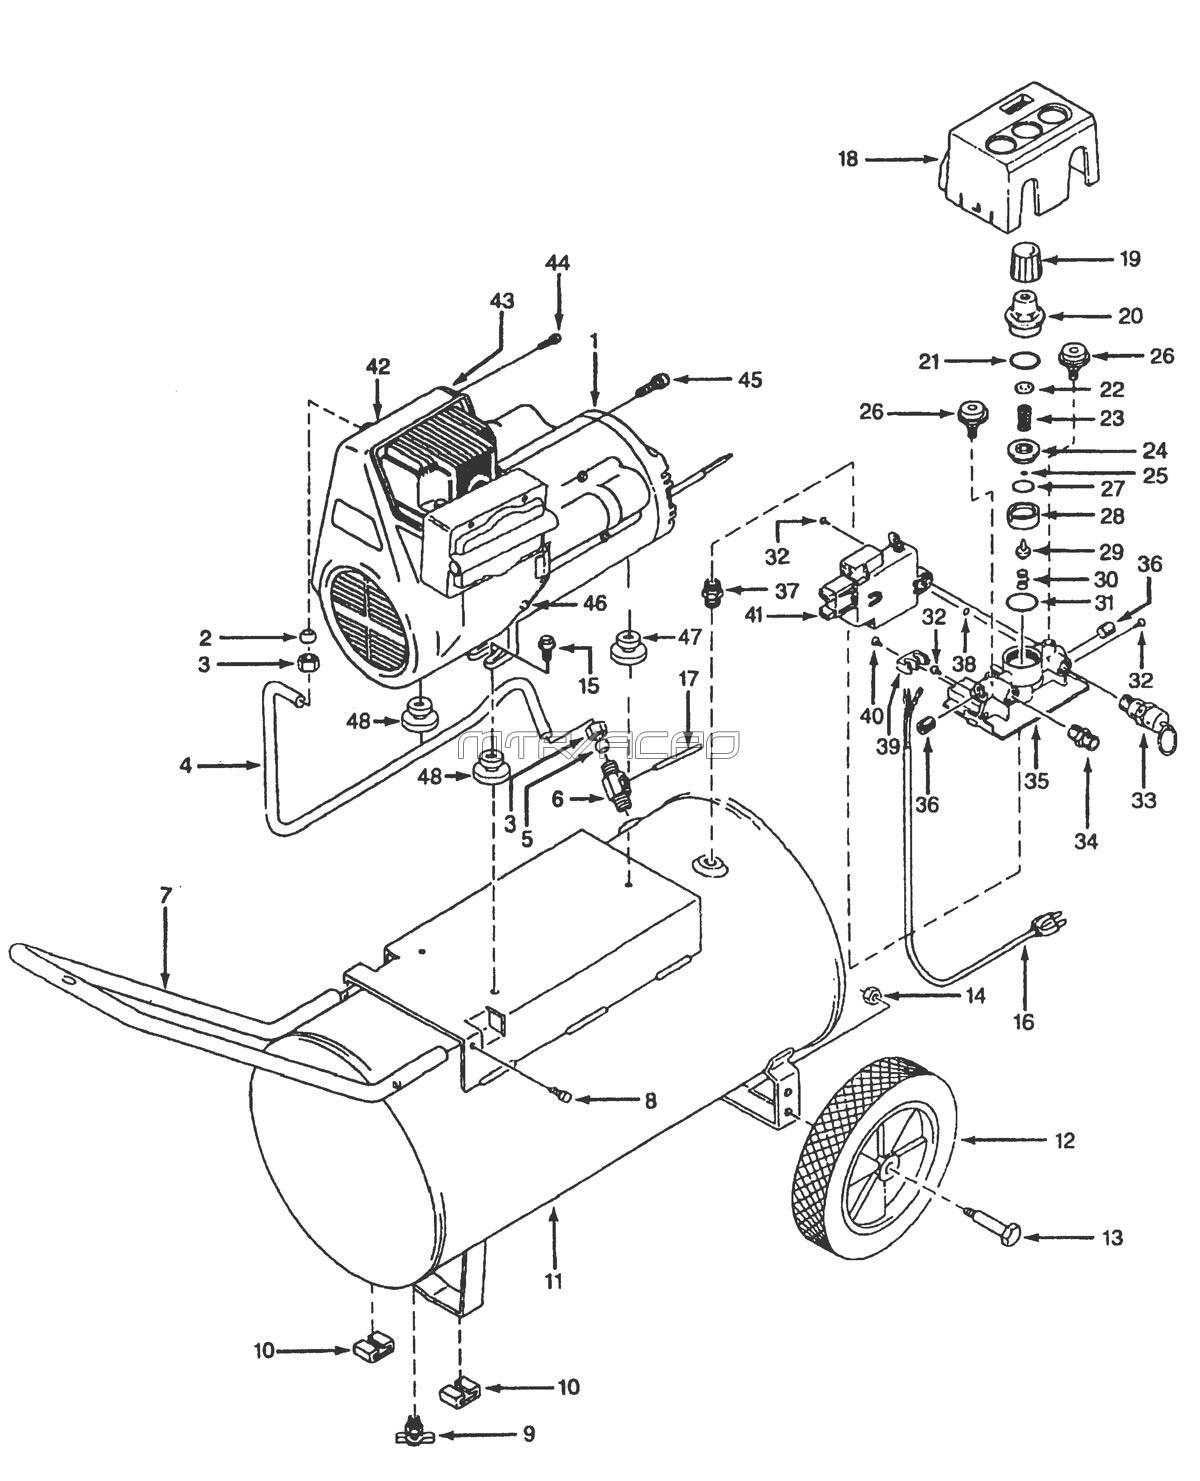 Campbell Hausfeld Air Compressor Parts Diagram Repair Parts For The Campbell Hausfeld Models Wl600601 Wl600701